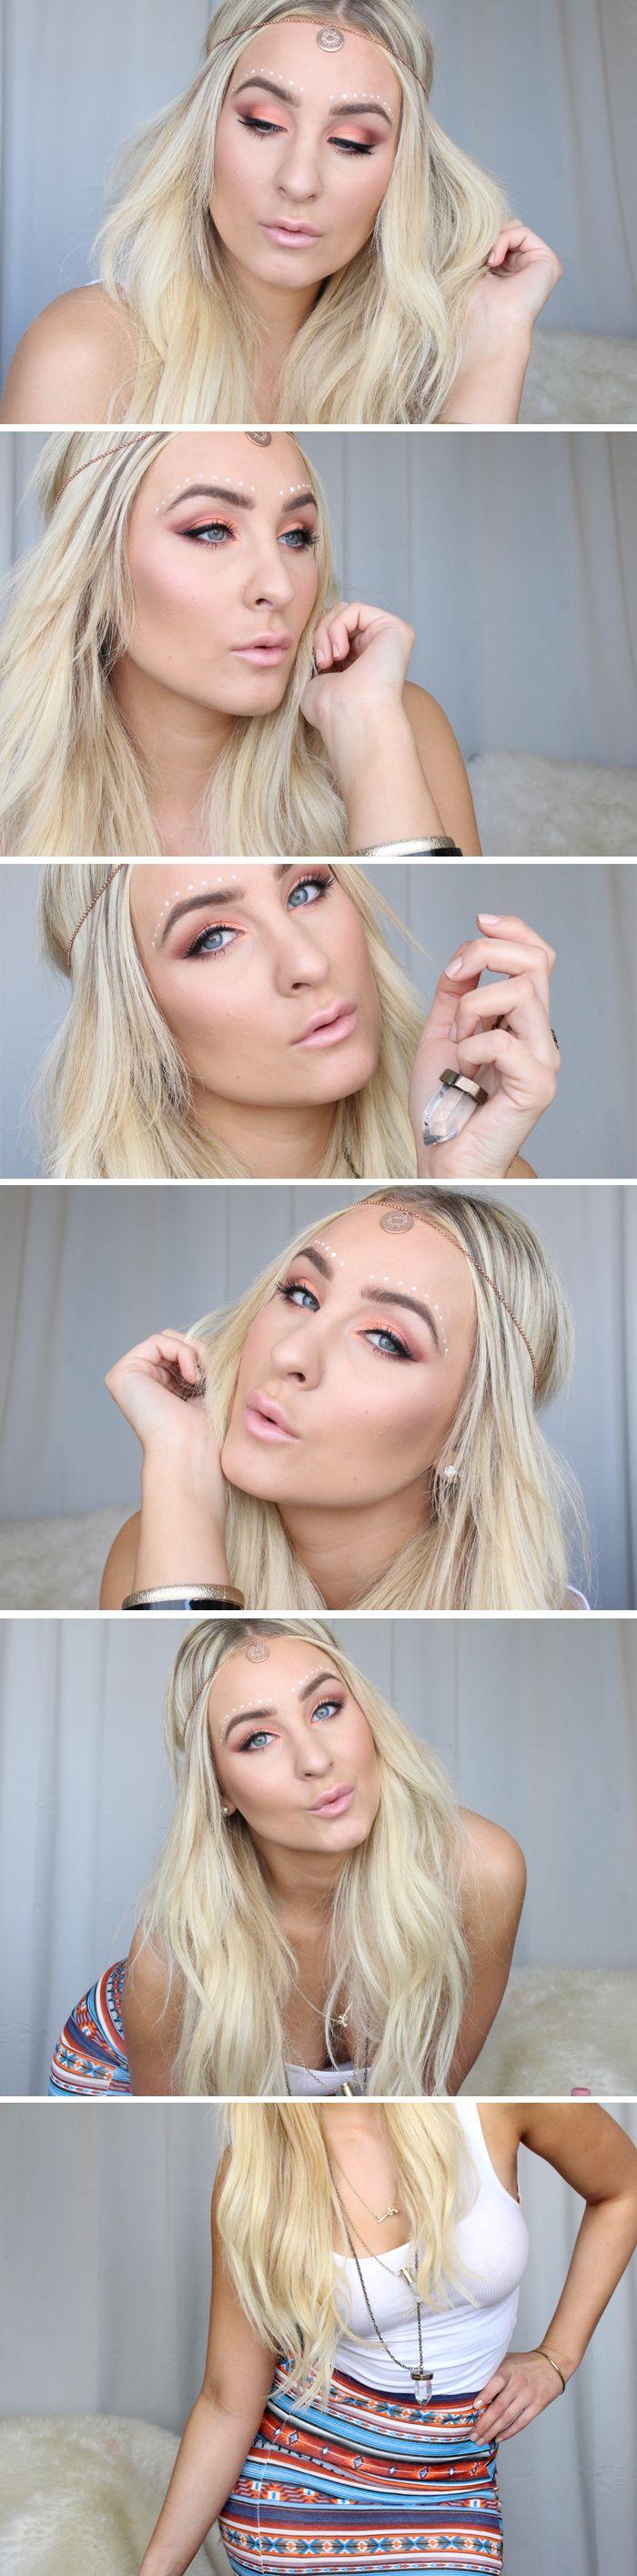 Helen Torsgården – Hiilens sminkblogg   Sveriges bästa sminkblogg med fantastiska sminkningar, inspiration, tutorials, sminkvideoklipp, prod...